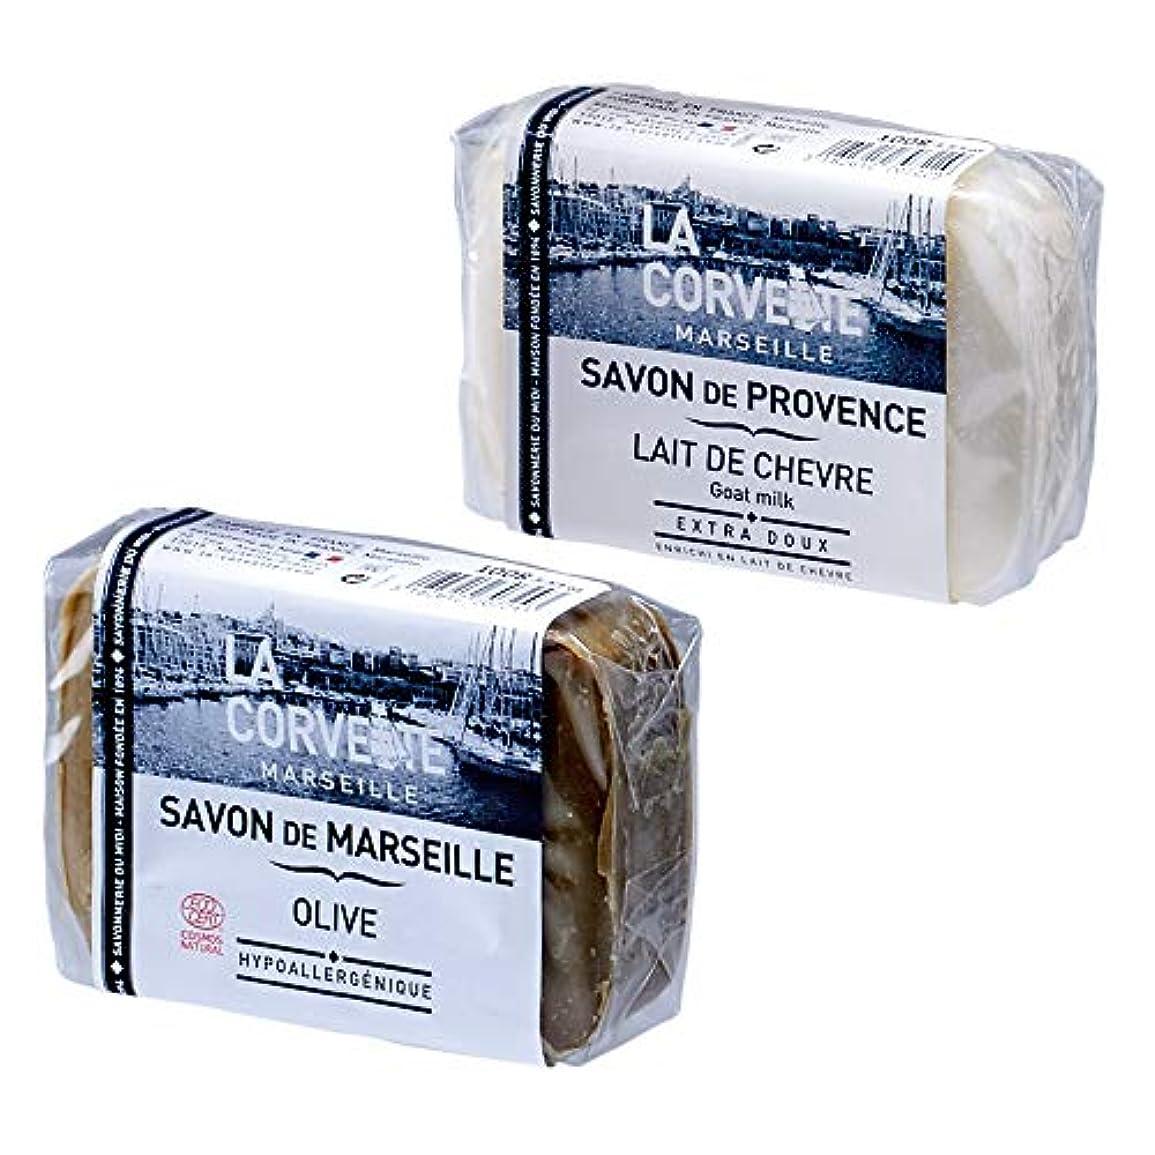 後世誘惑するヒップフランスお土産 マルセイユ石けん 2種セット オリーブ&ゴートミルク 2種セット